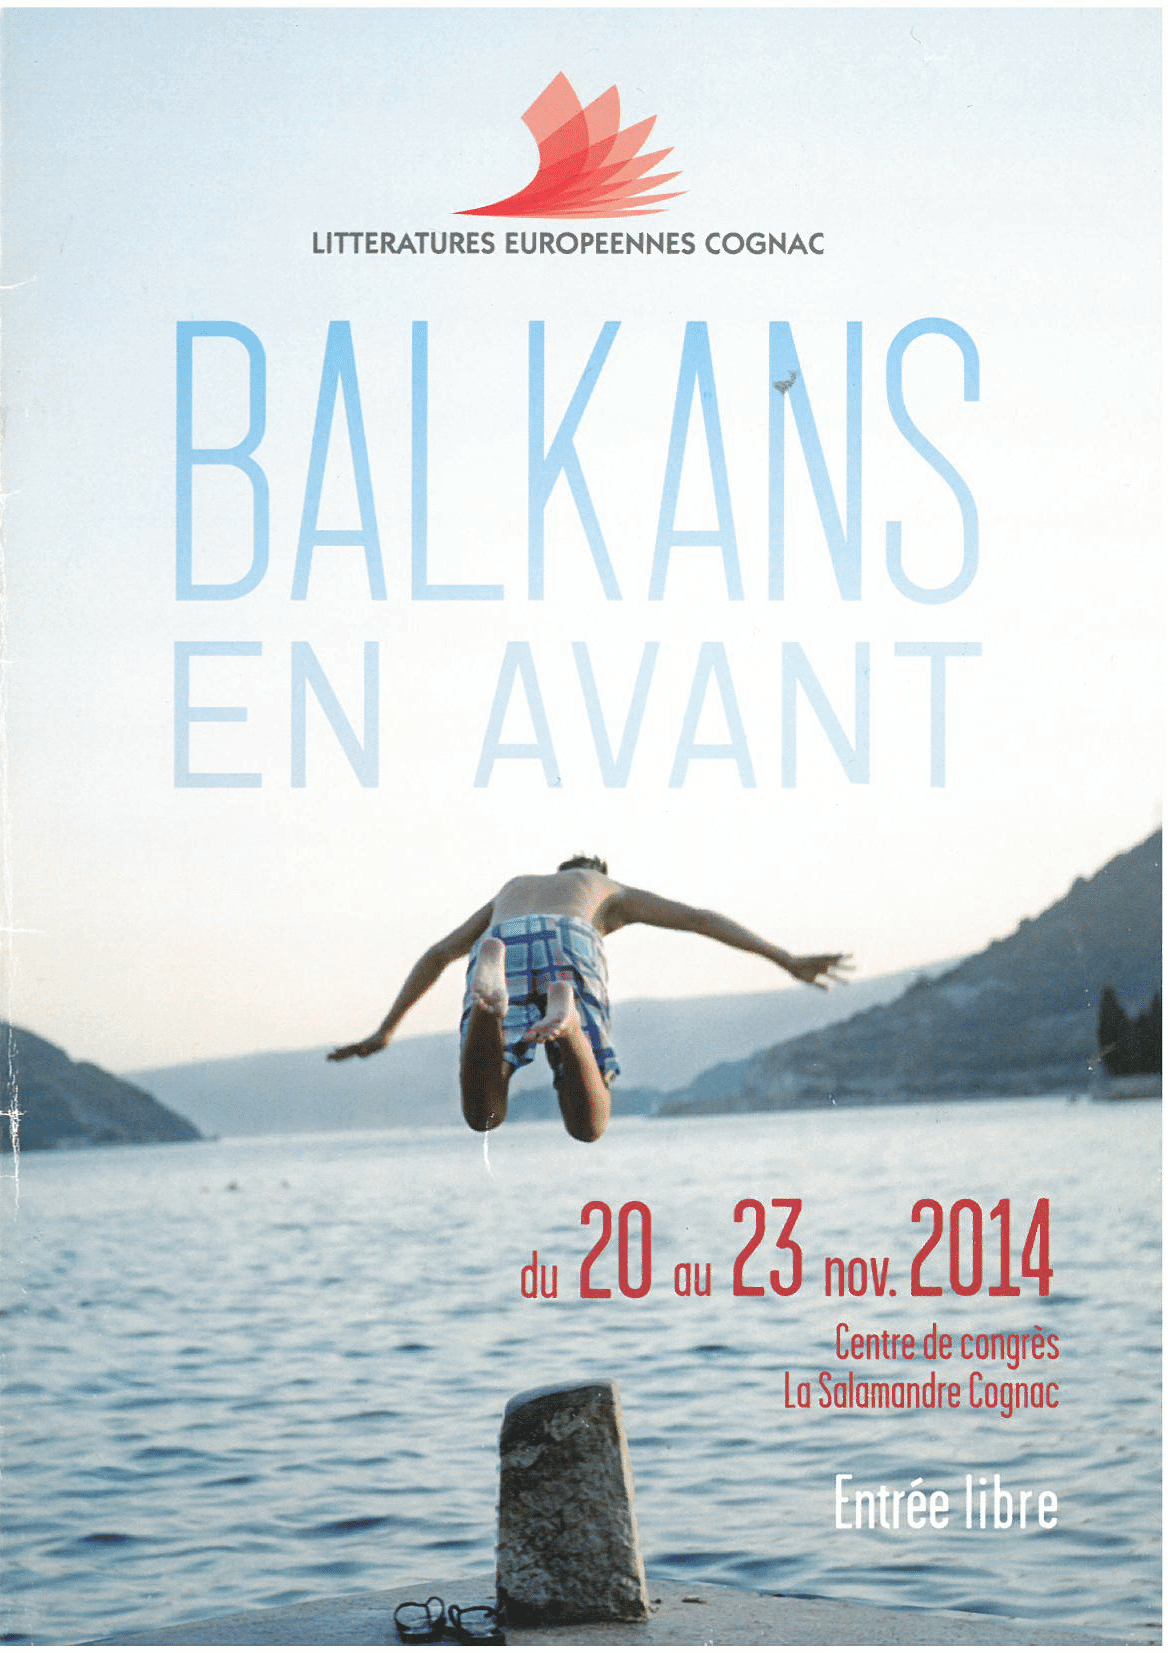 Affiche 2014 : un homme plonge dans un lac. Titre : Balkans, en avant